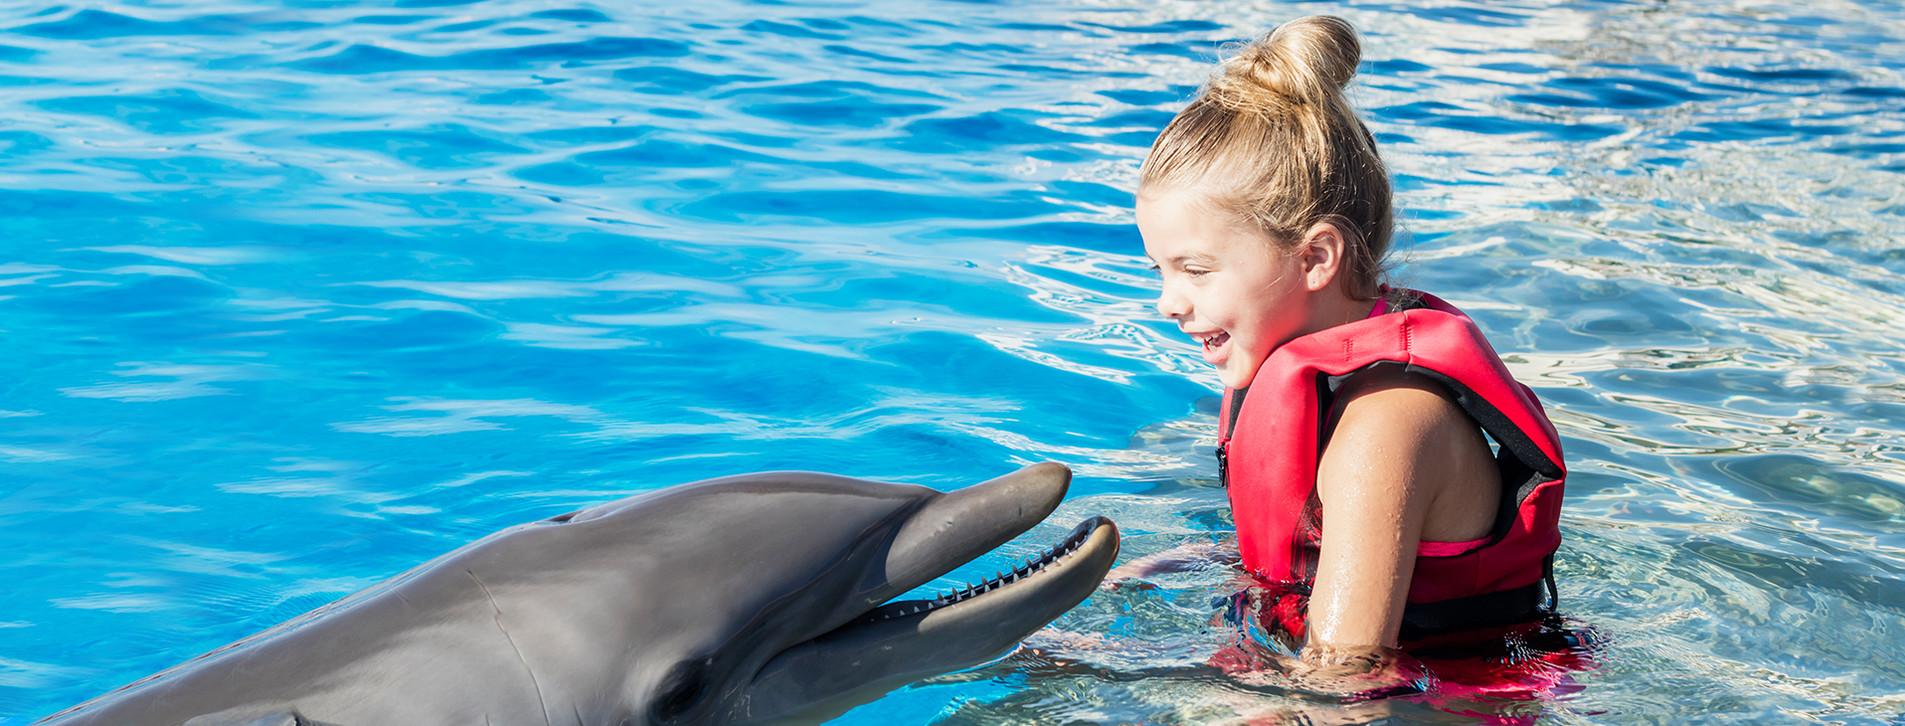 Фото 1 - Знайомство з дельфінами